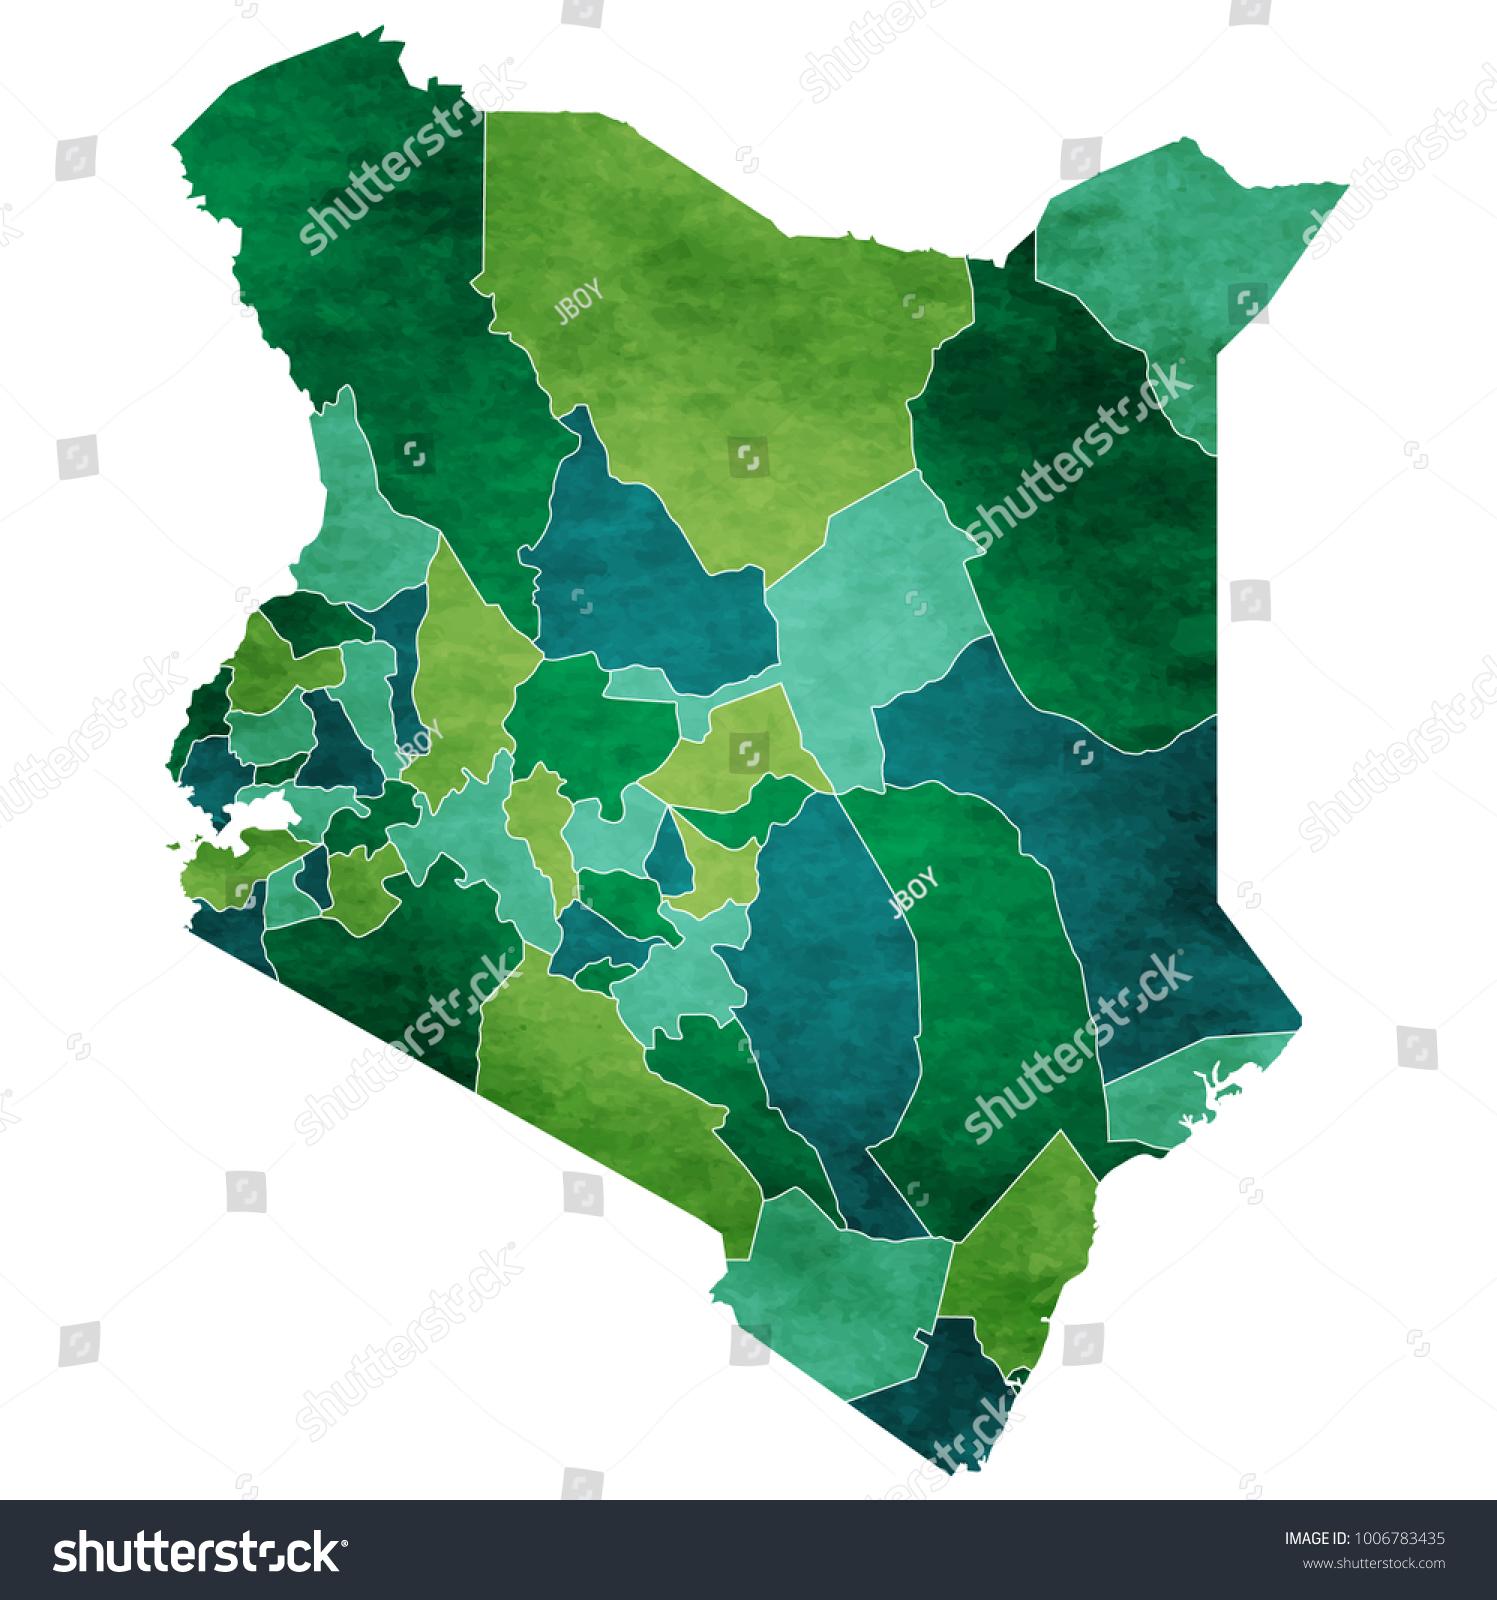 Image of: Vector De Stock Libre De Regalias Sobre Kenya World Map Country Icon1006783435